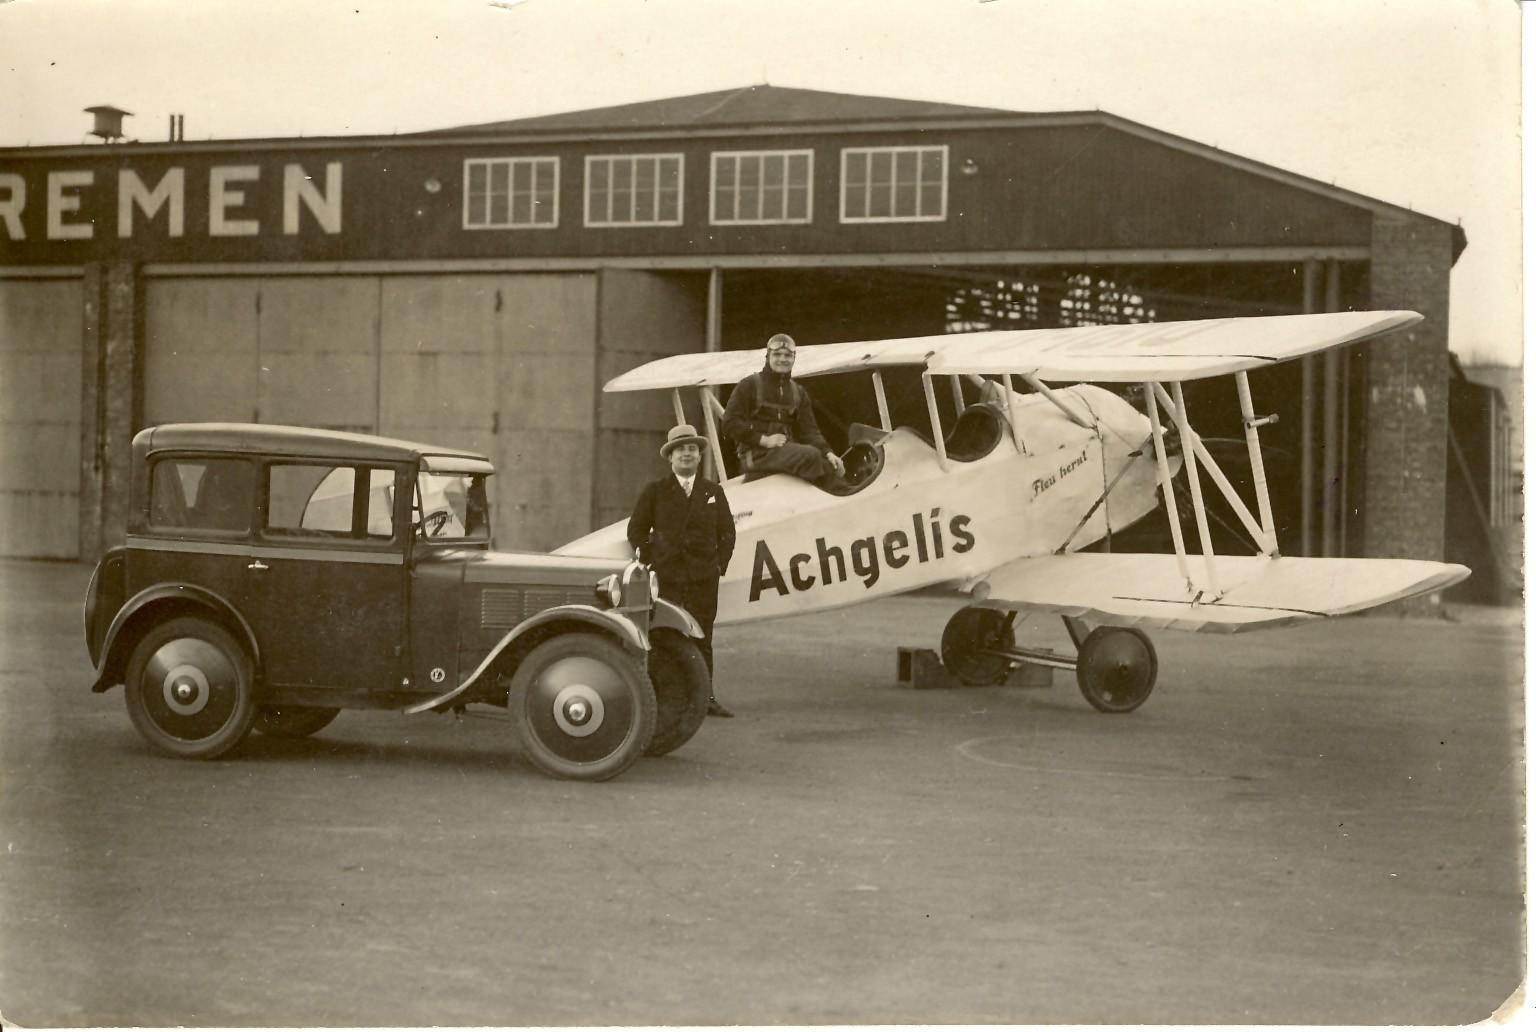 Am Anfang einer steilen Karriere: Gerd Achgelis 1929 auf dem Bremer Flughafen. Quelle: Privat